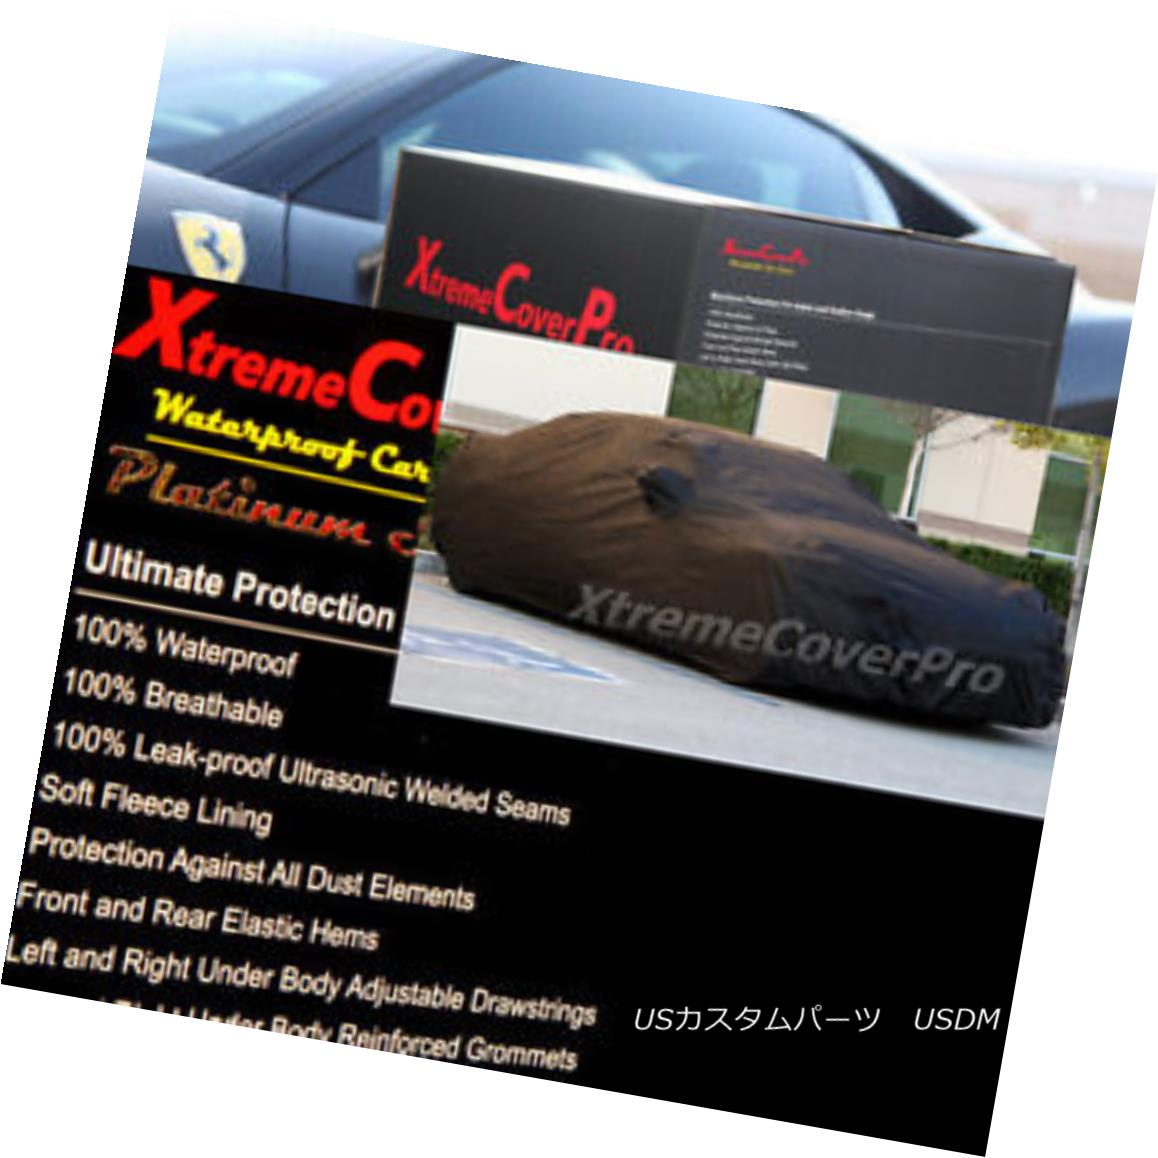 カーカバー 2012 Mercedes C250 C350 C63 Sedan Waterproof Car Cover w/MirrorPocket 2012年のメルセデスC250 C350 C63ミラーポケット付きセダン防水カーカバー